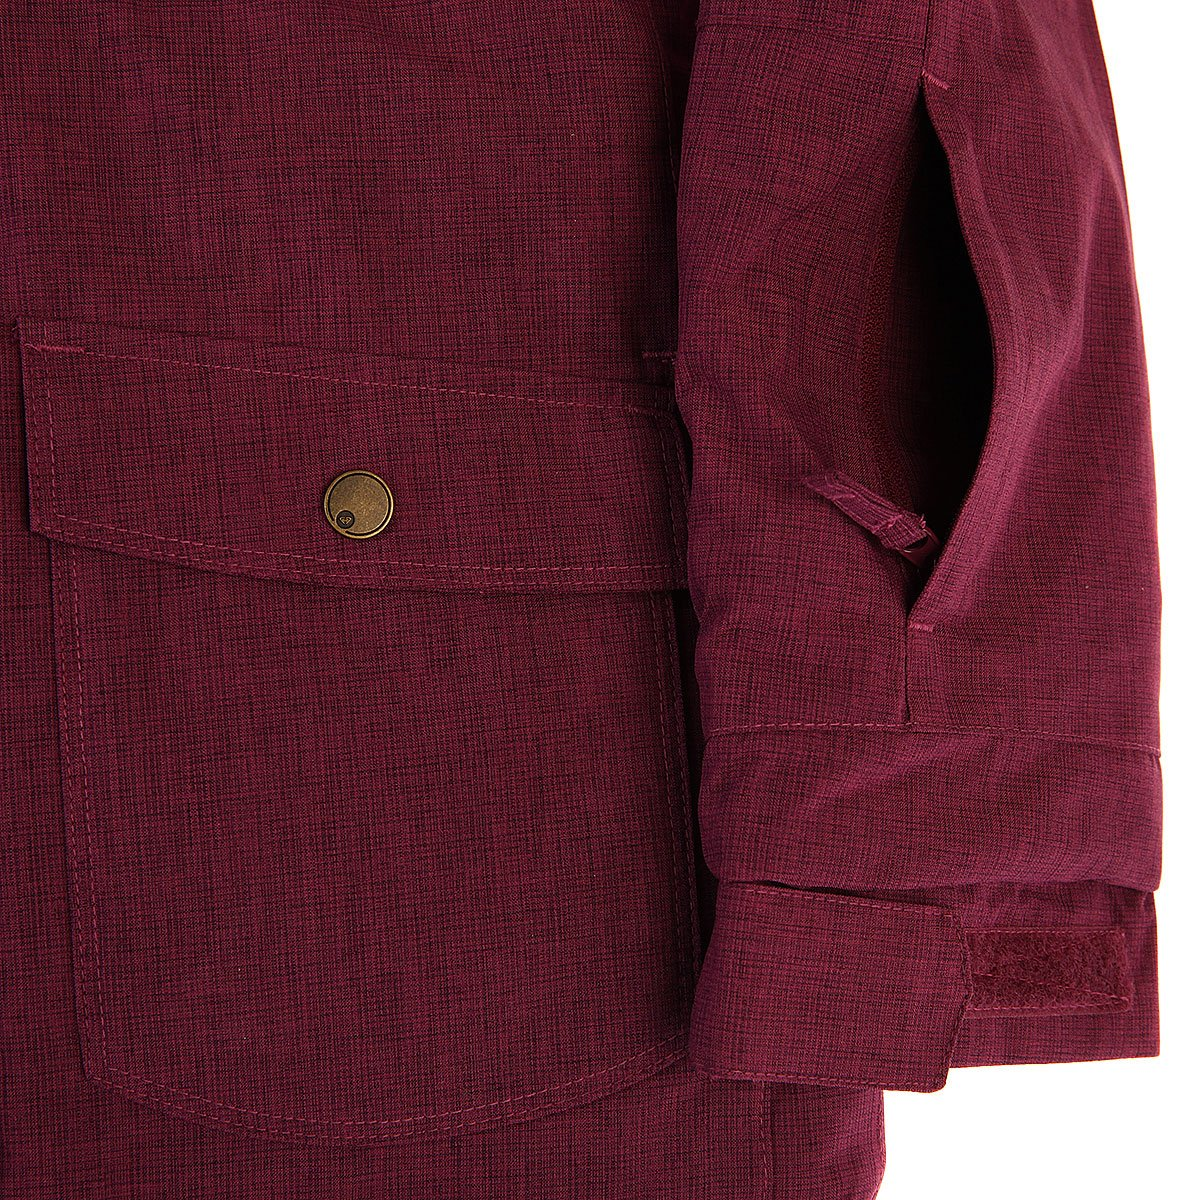 Купить Куртку Детскую В Интернет Магазине